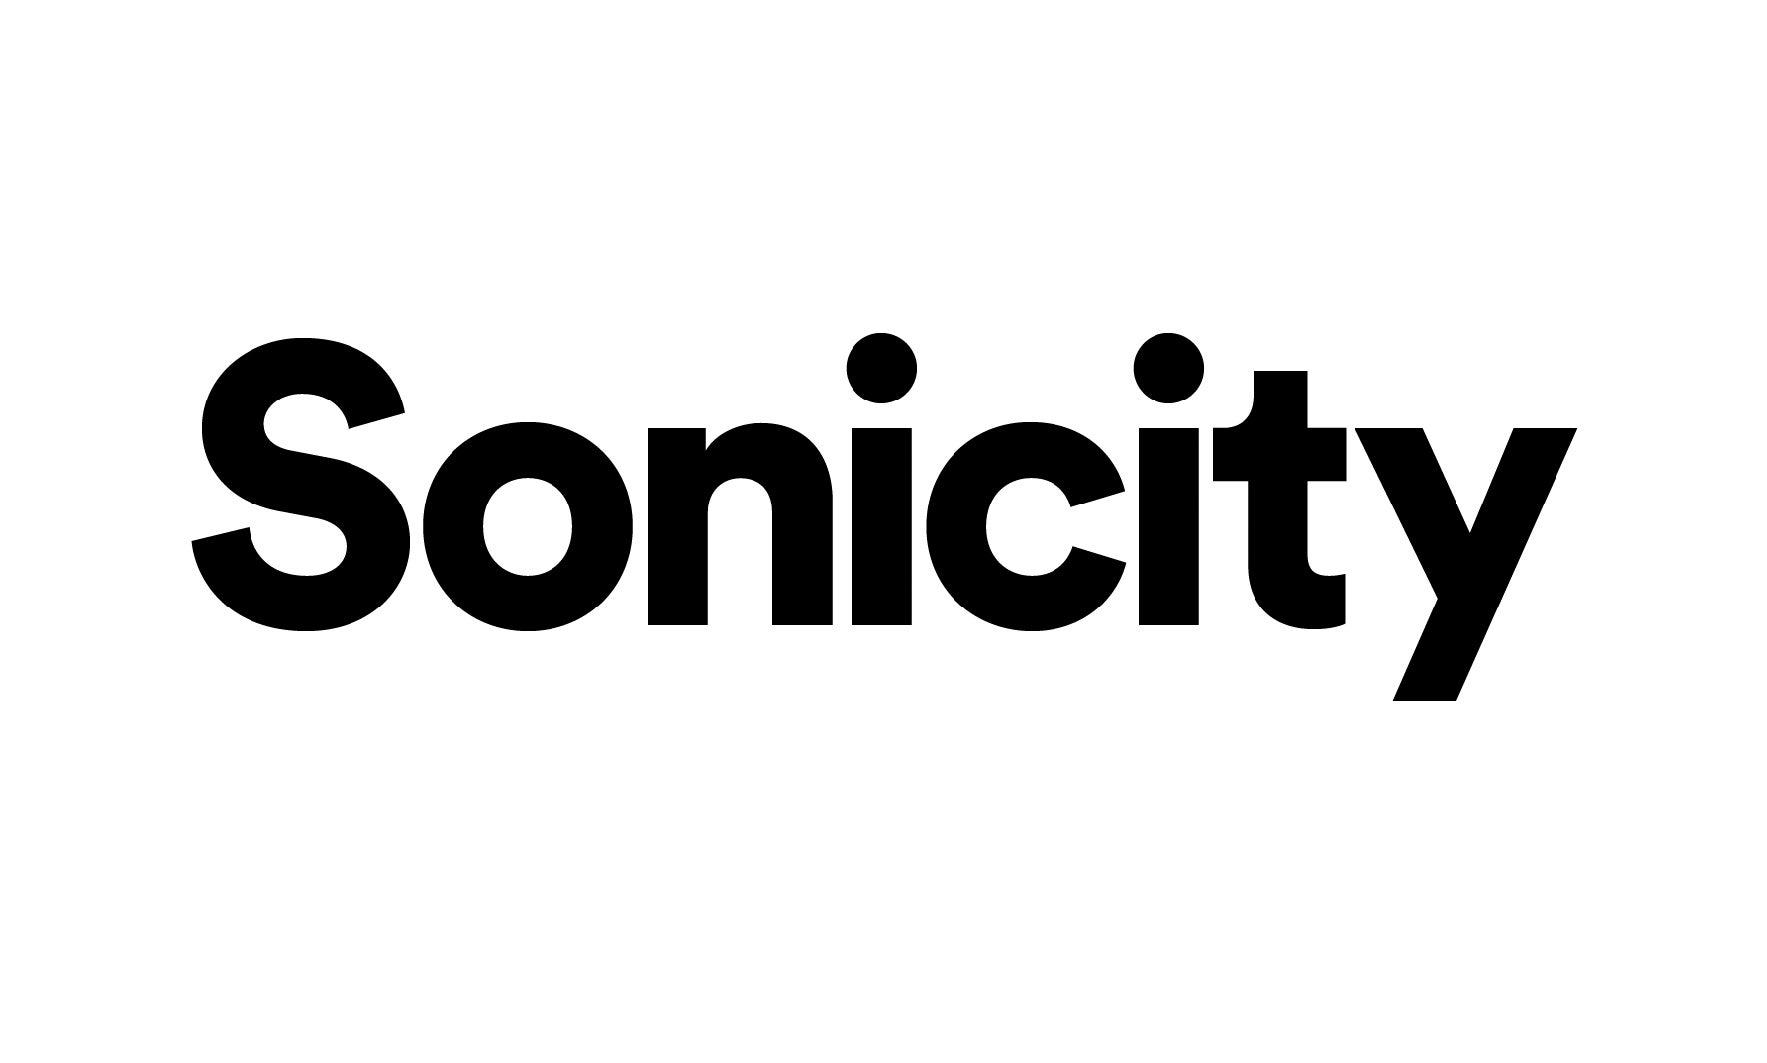 Sonicity